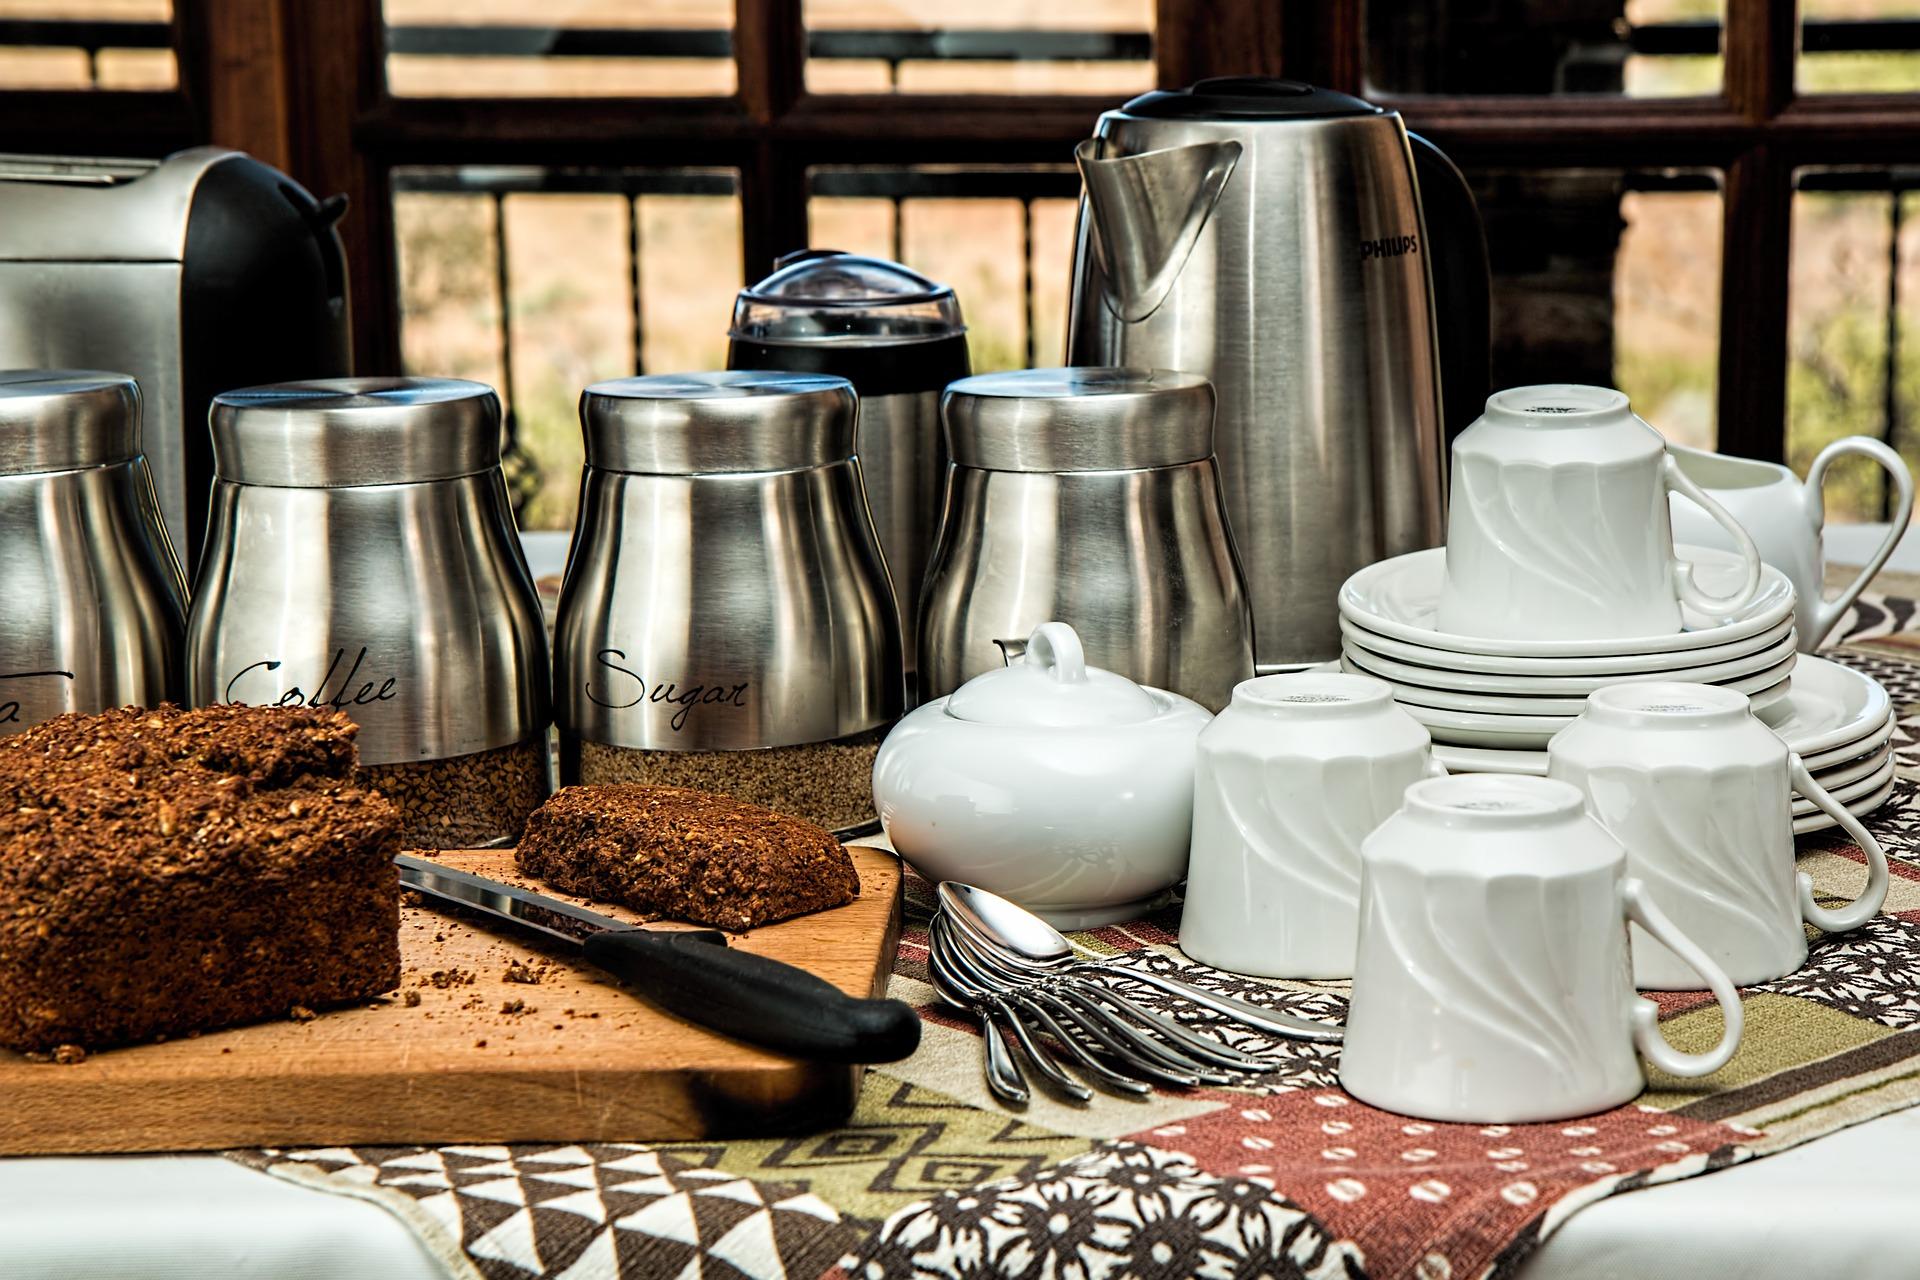 herbaty dla gastronomii